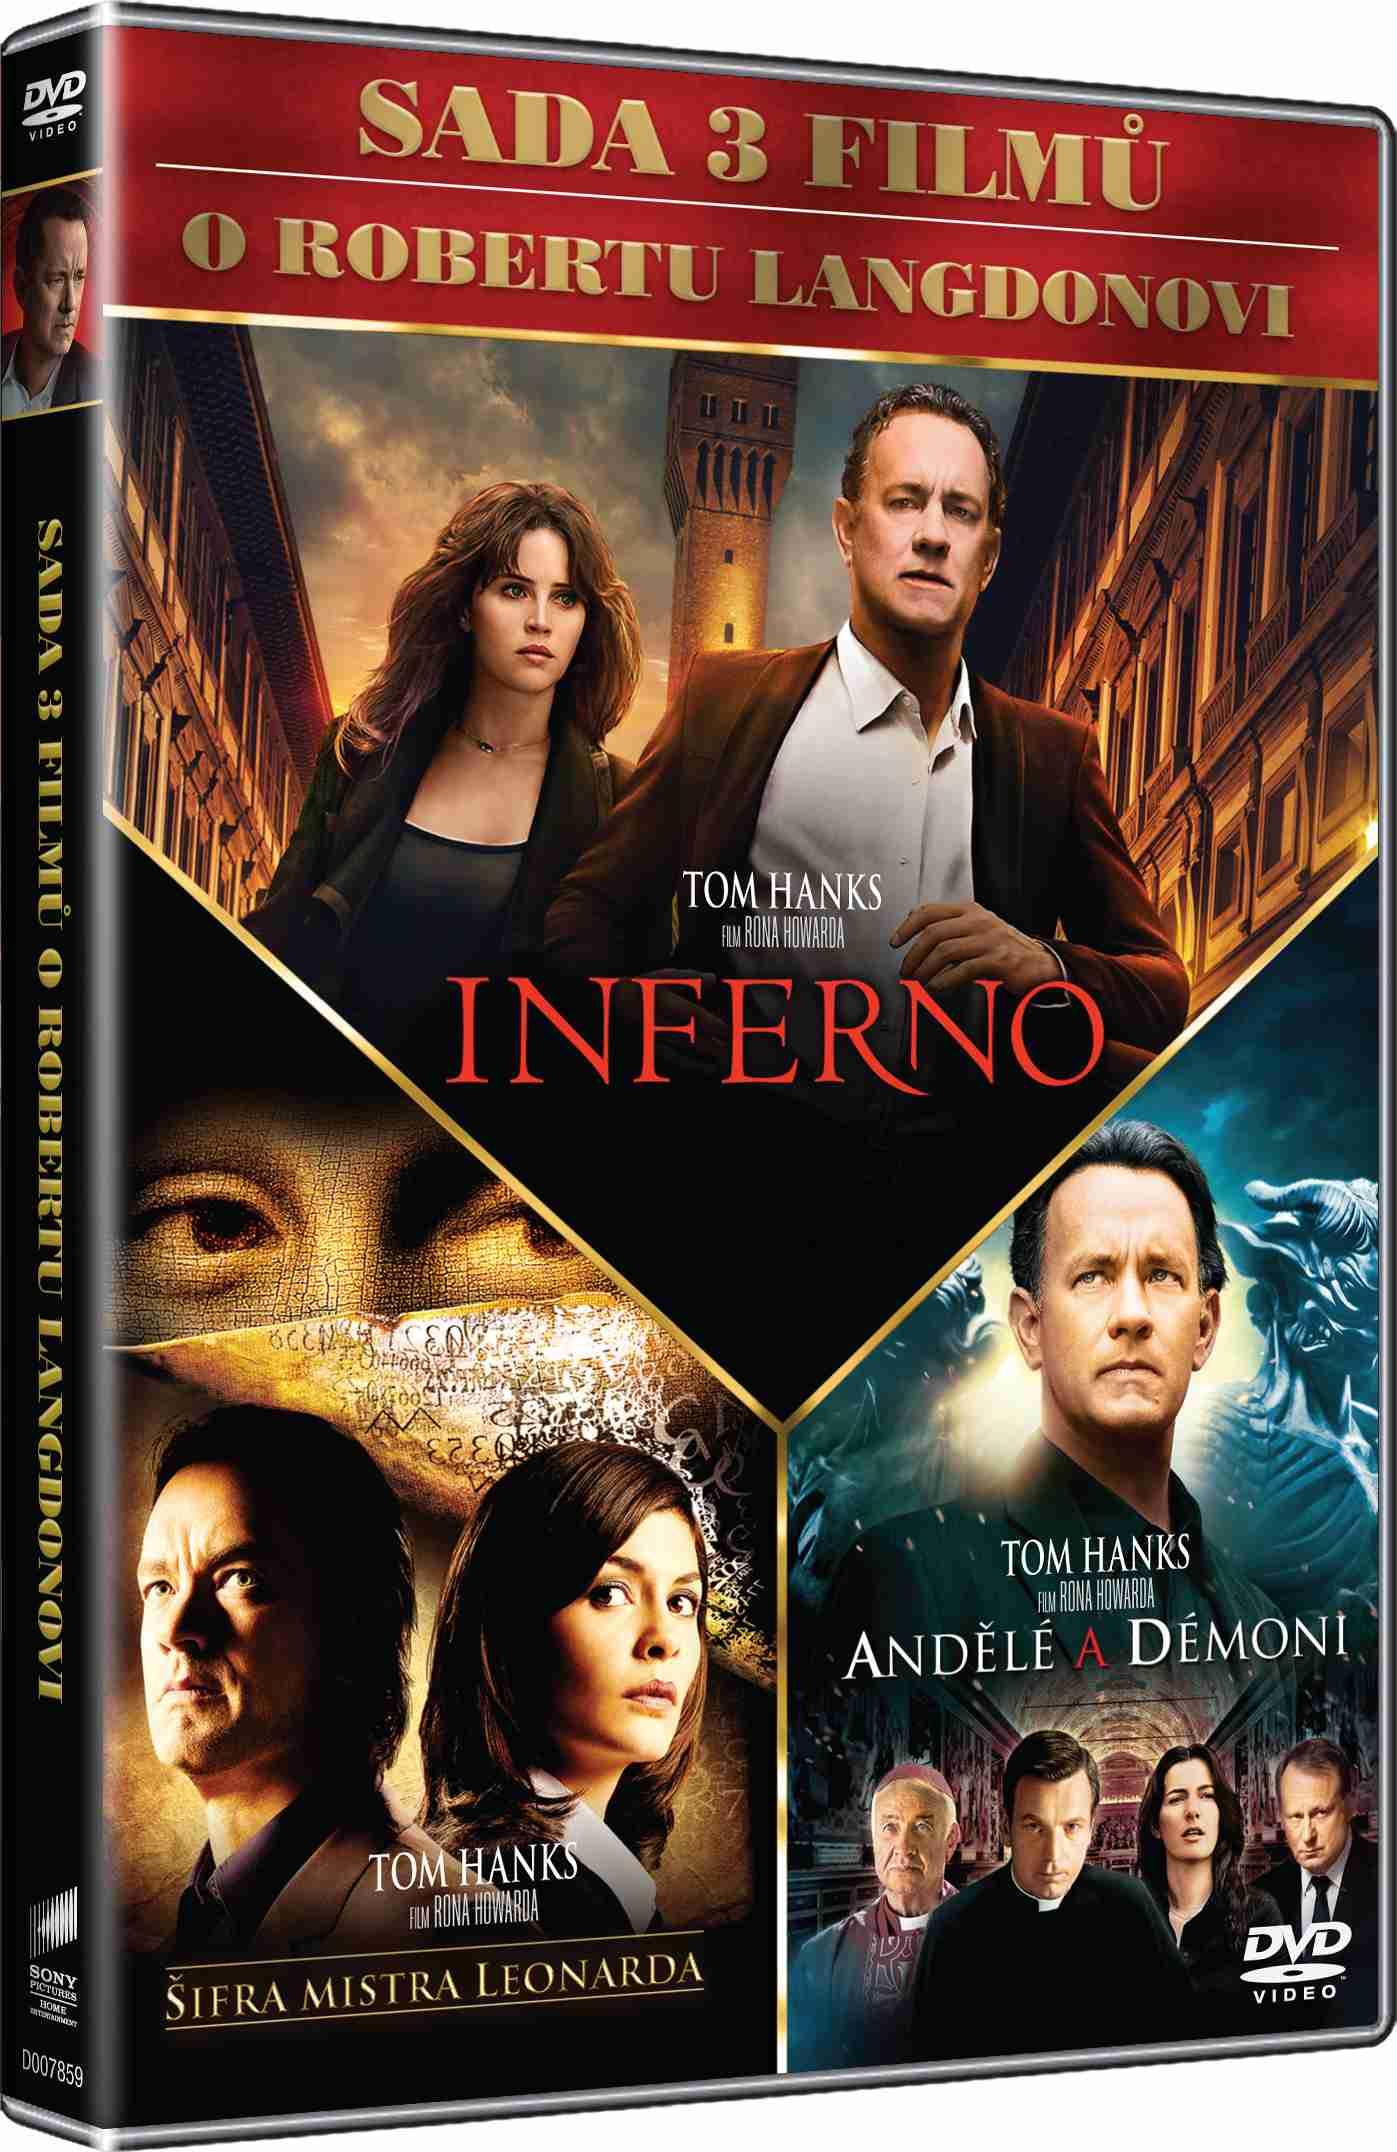 DAN BROWN KOLEKCE (Šifra mistra Leonarda, Andělé a démoni, Inferno) - 3 DVD